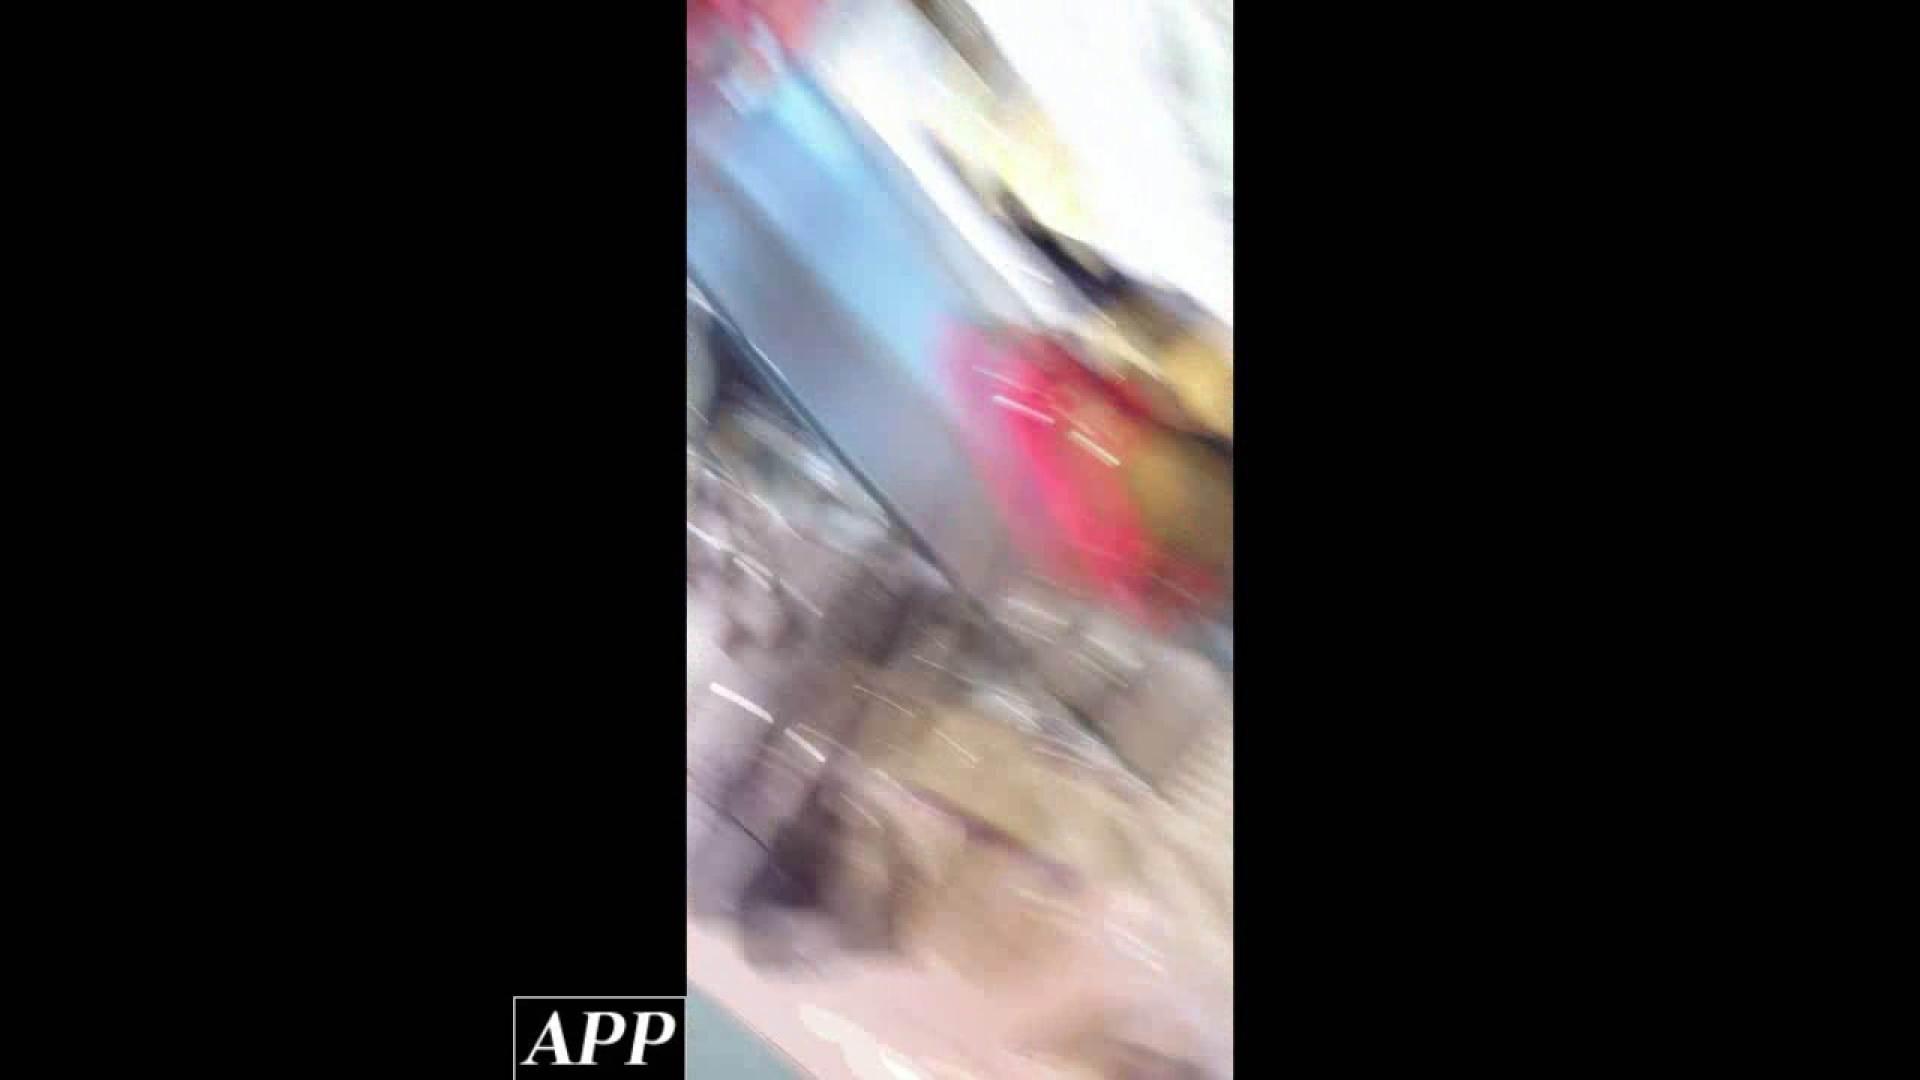 ハイビジョン盗撮!ショップ店員千人斬り!胸チラ編 vol.94 盗撮 | 接写  50pic 37